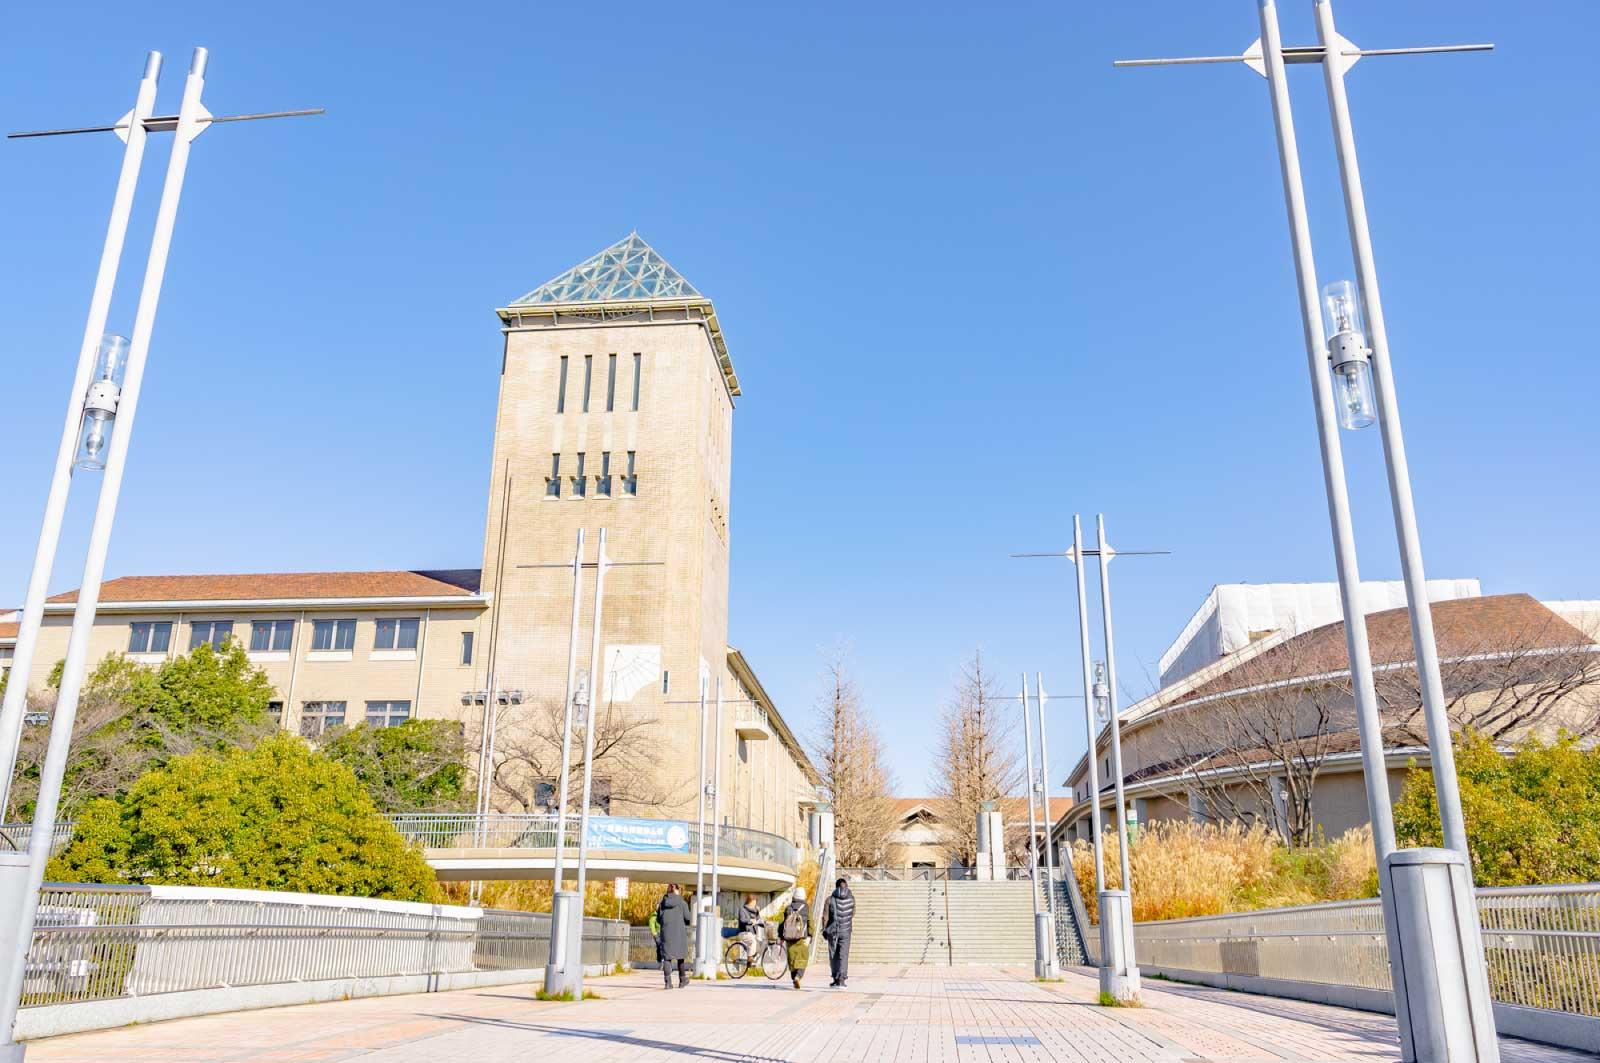 八王子市内には総合大学から工科大学、美術系大学まで